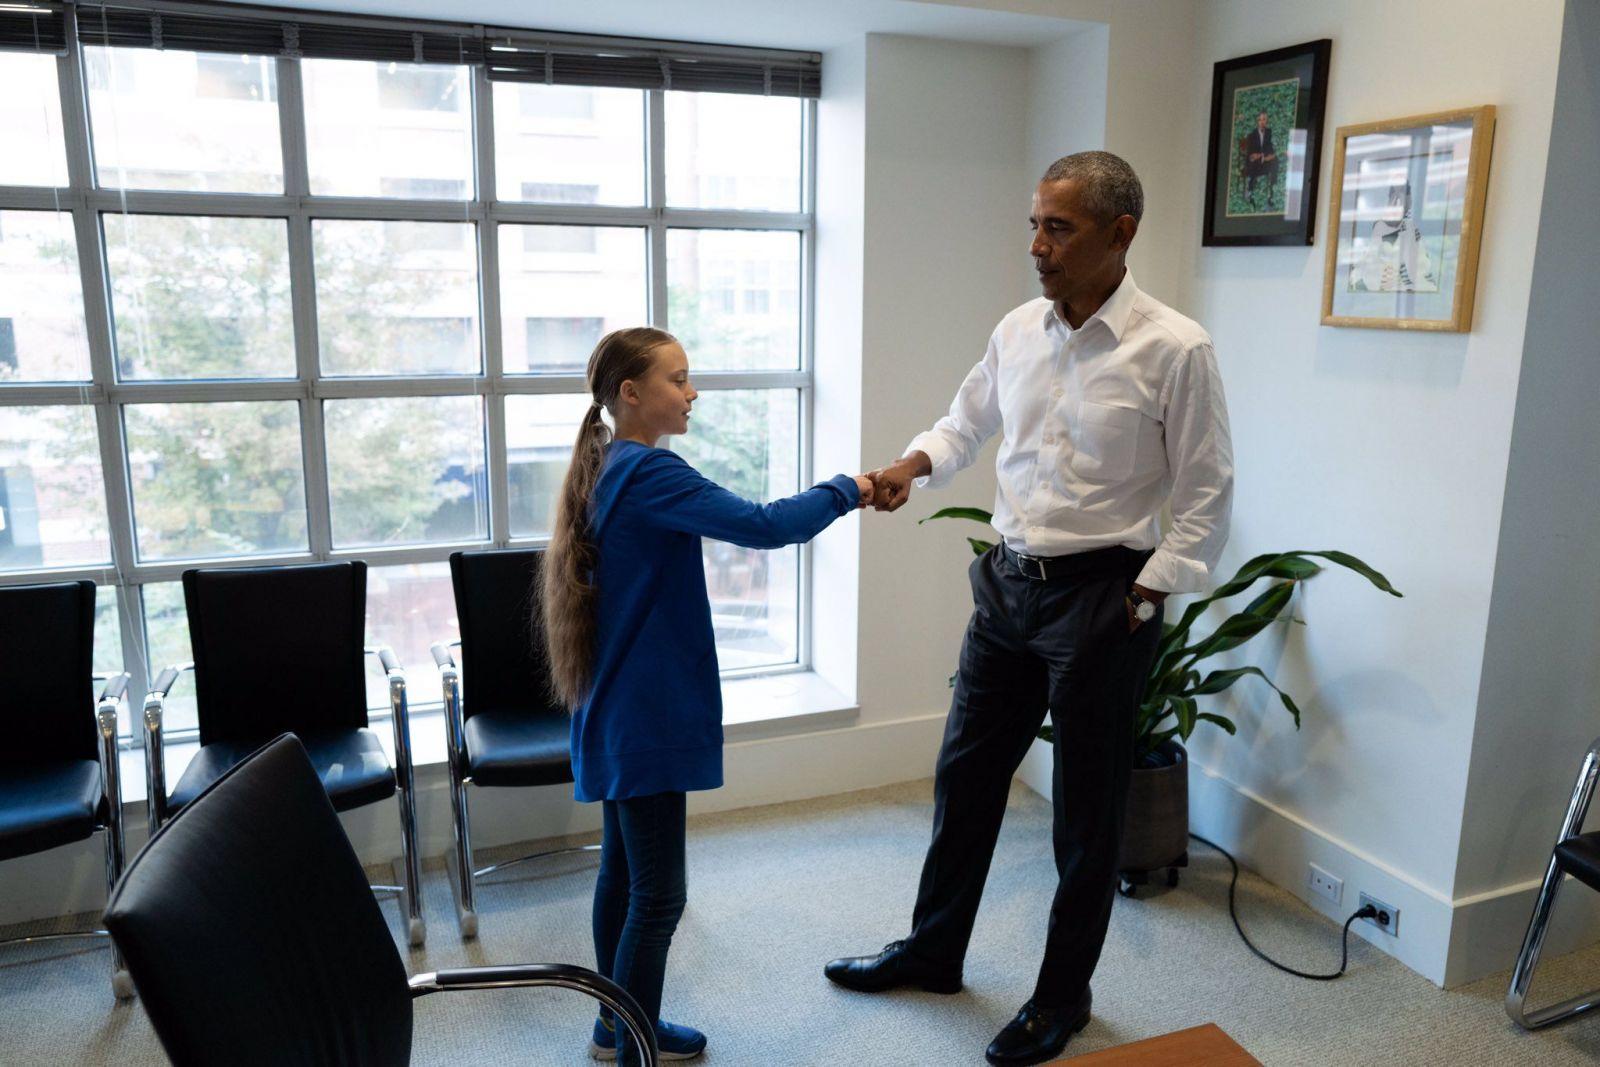 Obama sa stretol s mladou aktivistkou Gretou Thunberg, po diskusii o environmentálnych problémoch, jej povedal: Ty a ja sme tím